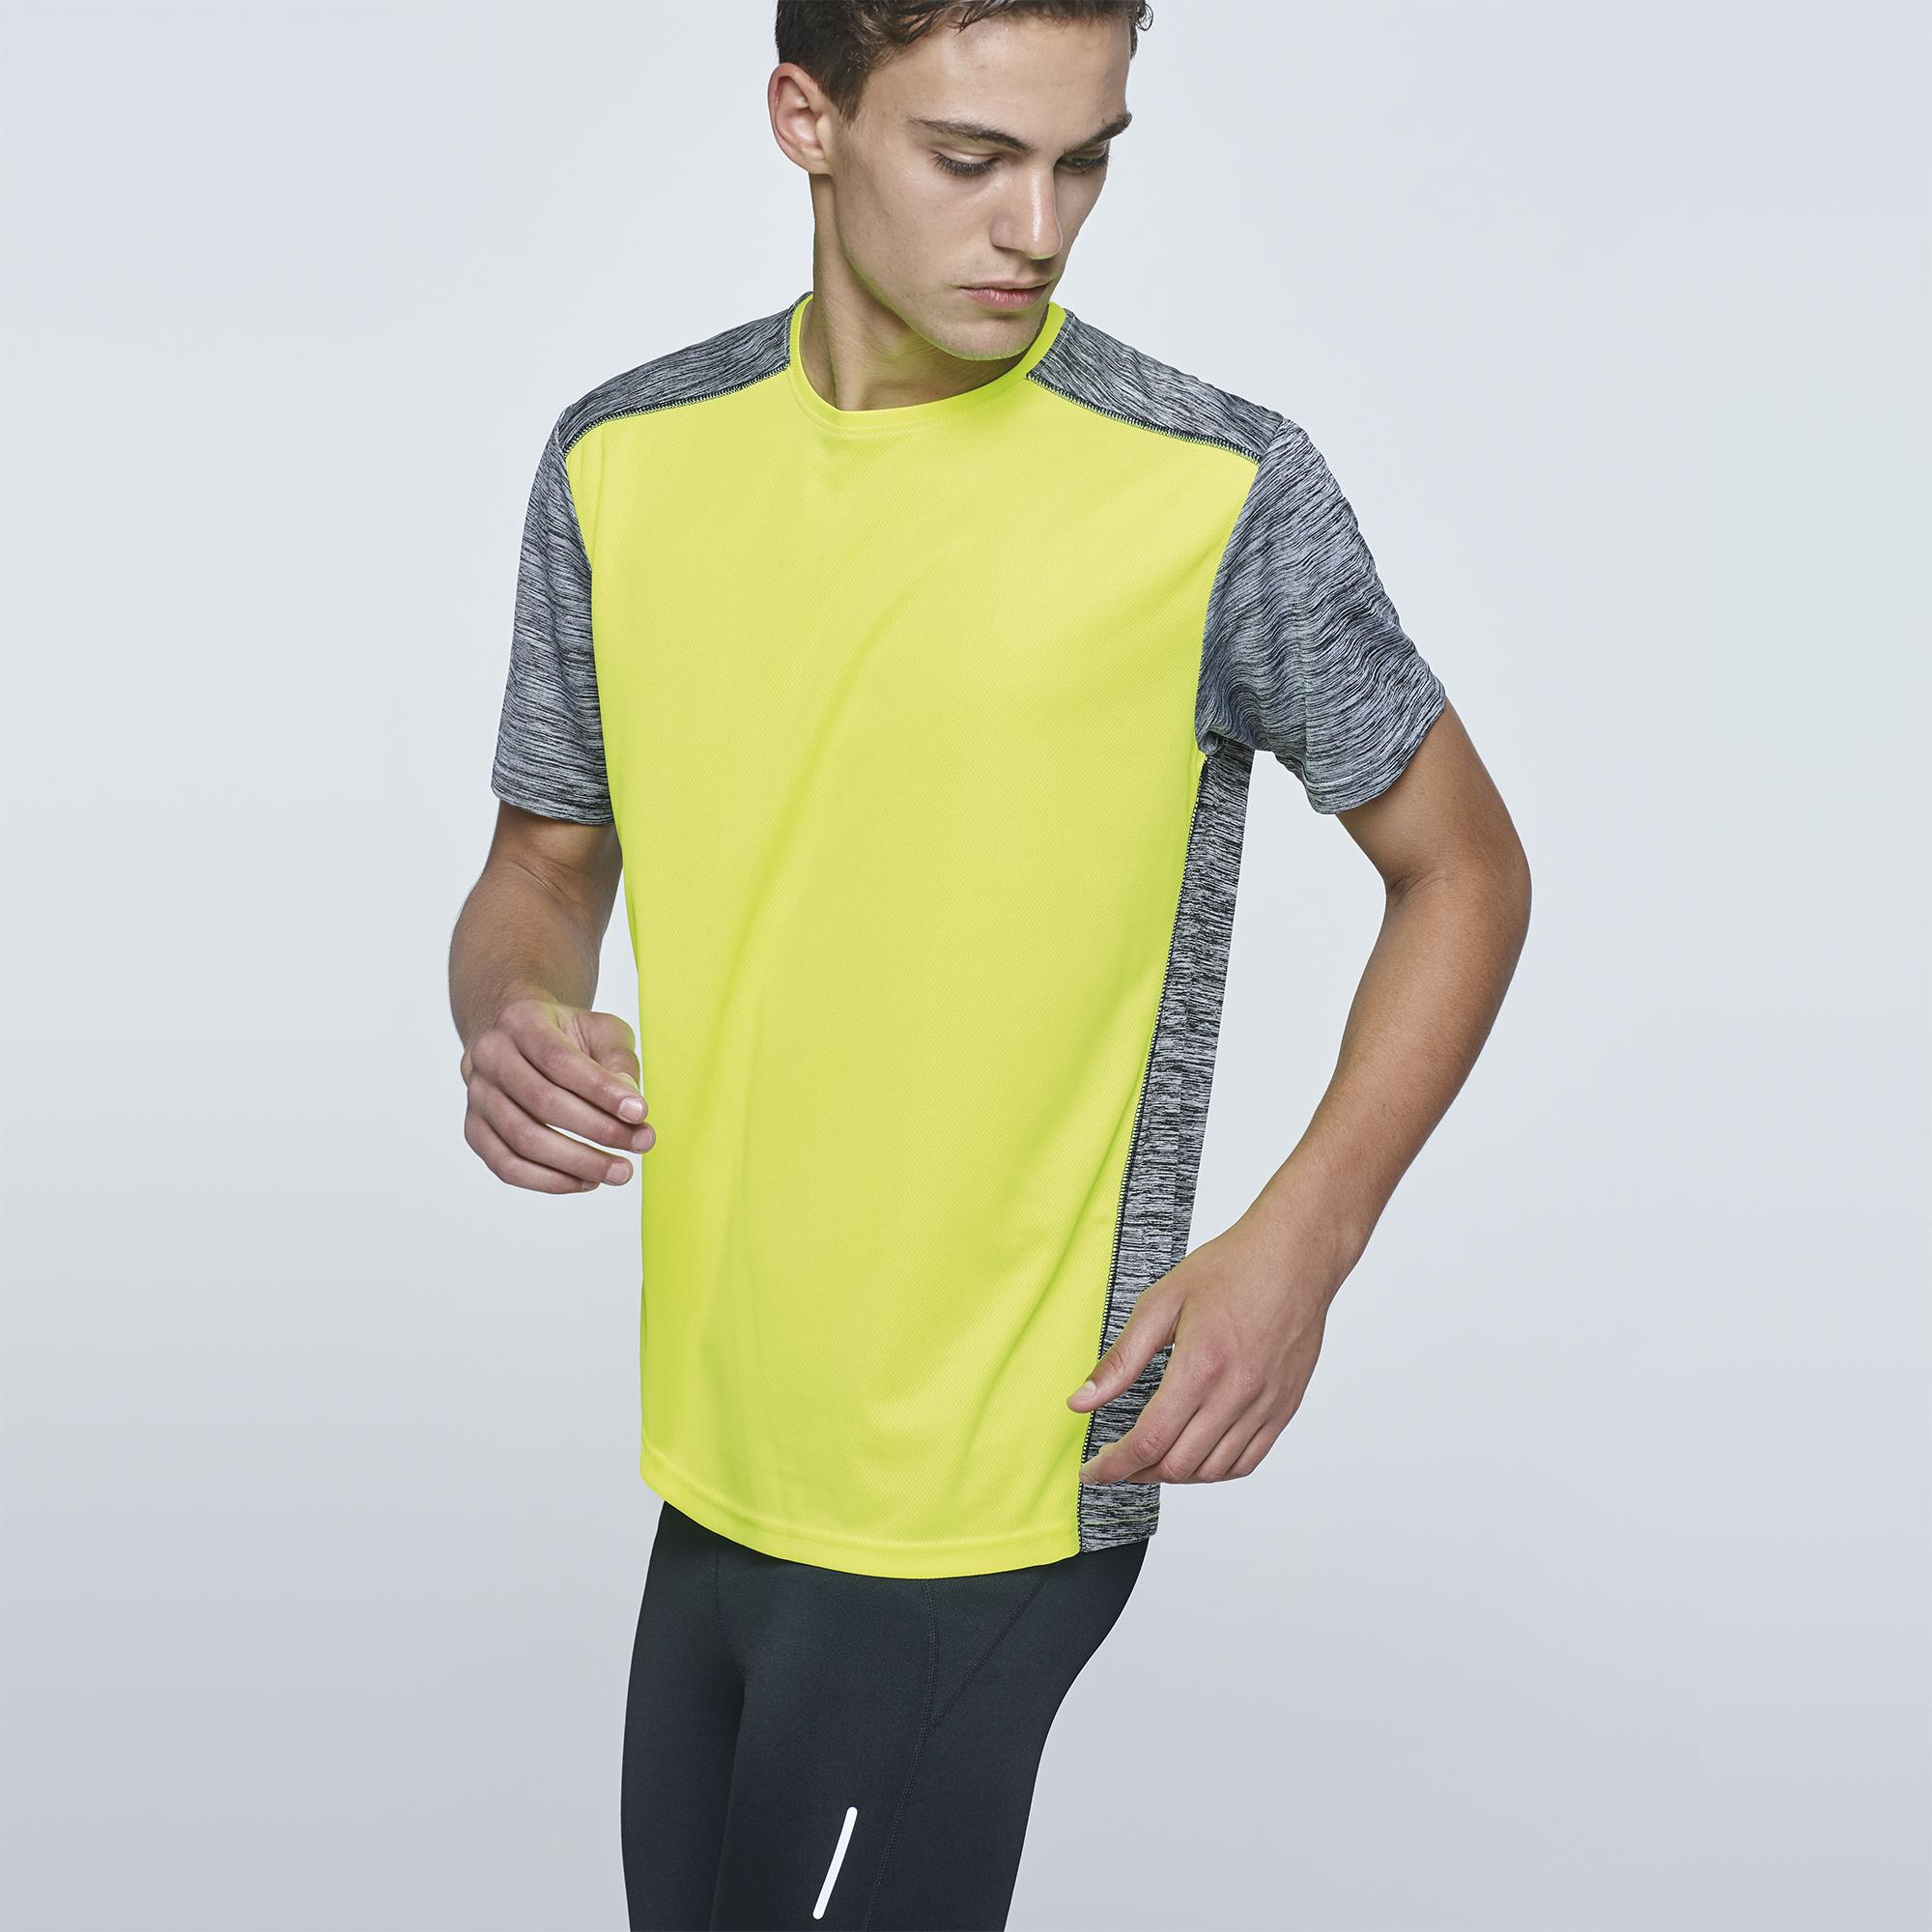 fd08746b7 Camisetas deportivas modernas para adultos y niños